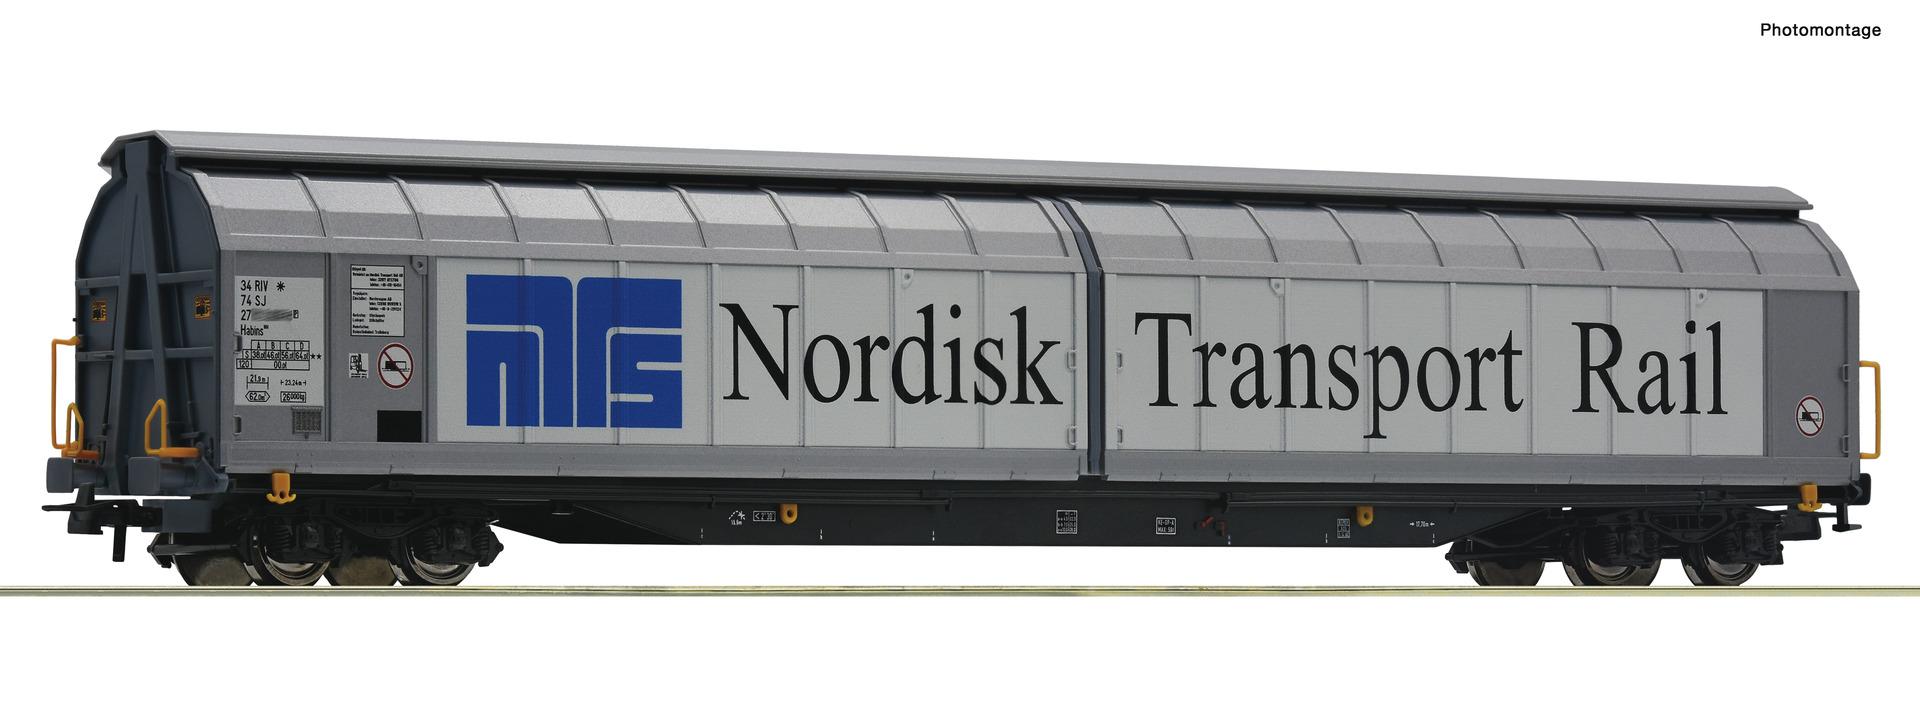 H0 Schiebewandwagen der Nordisk Transport Rail, Ep.VI